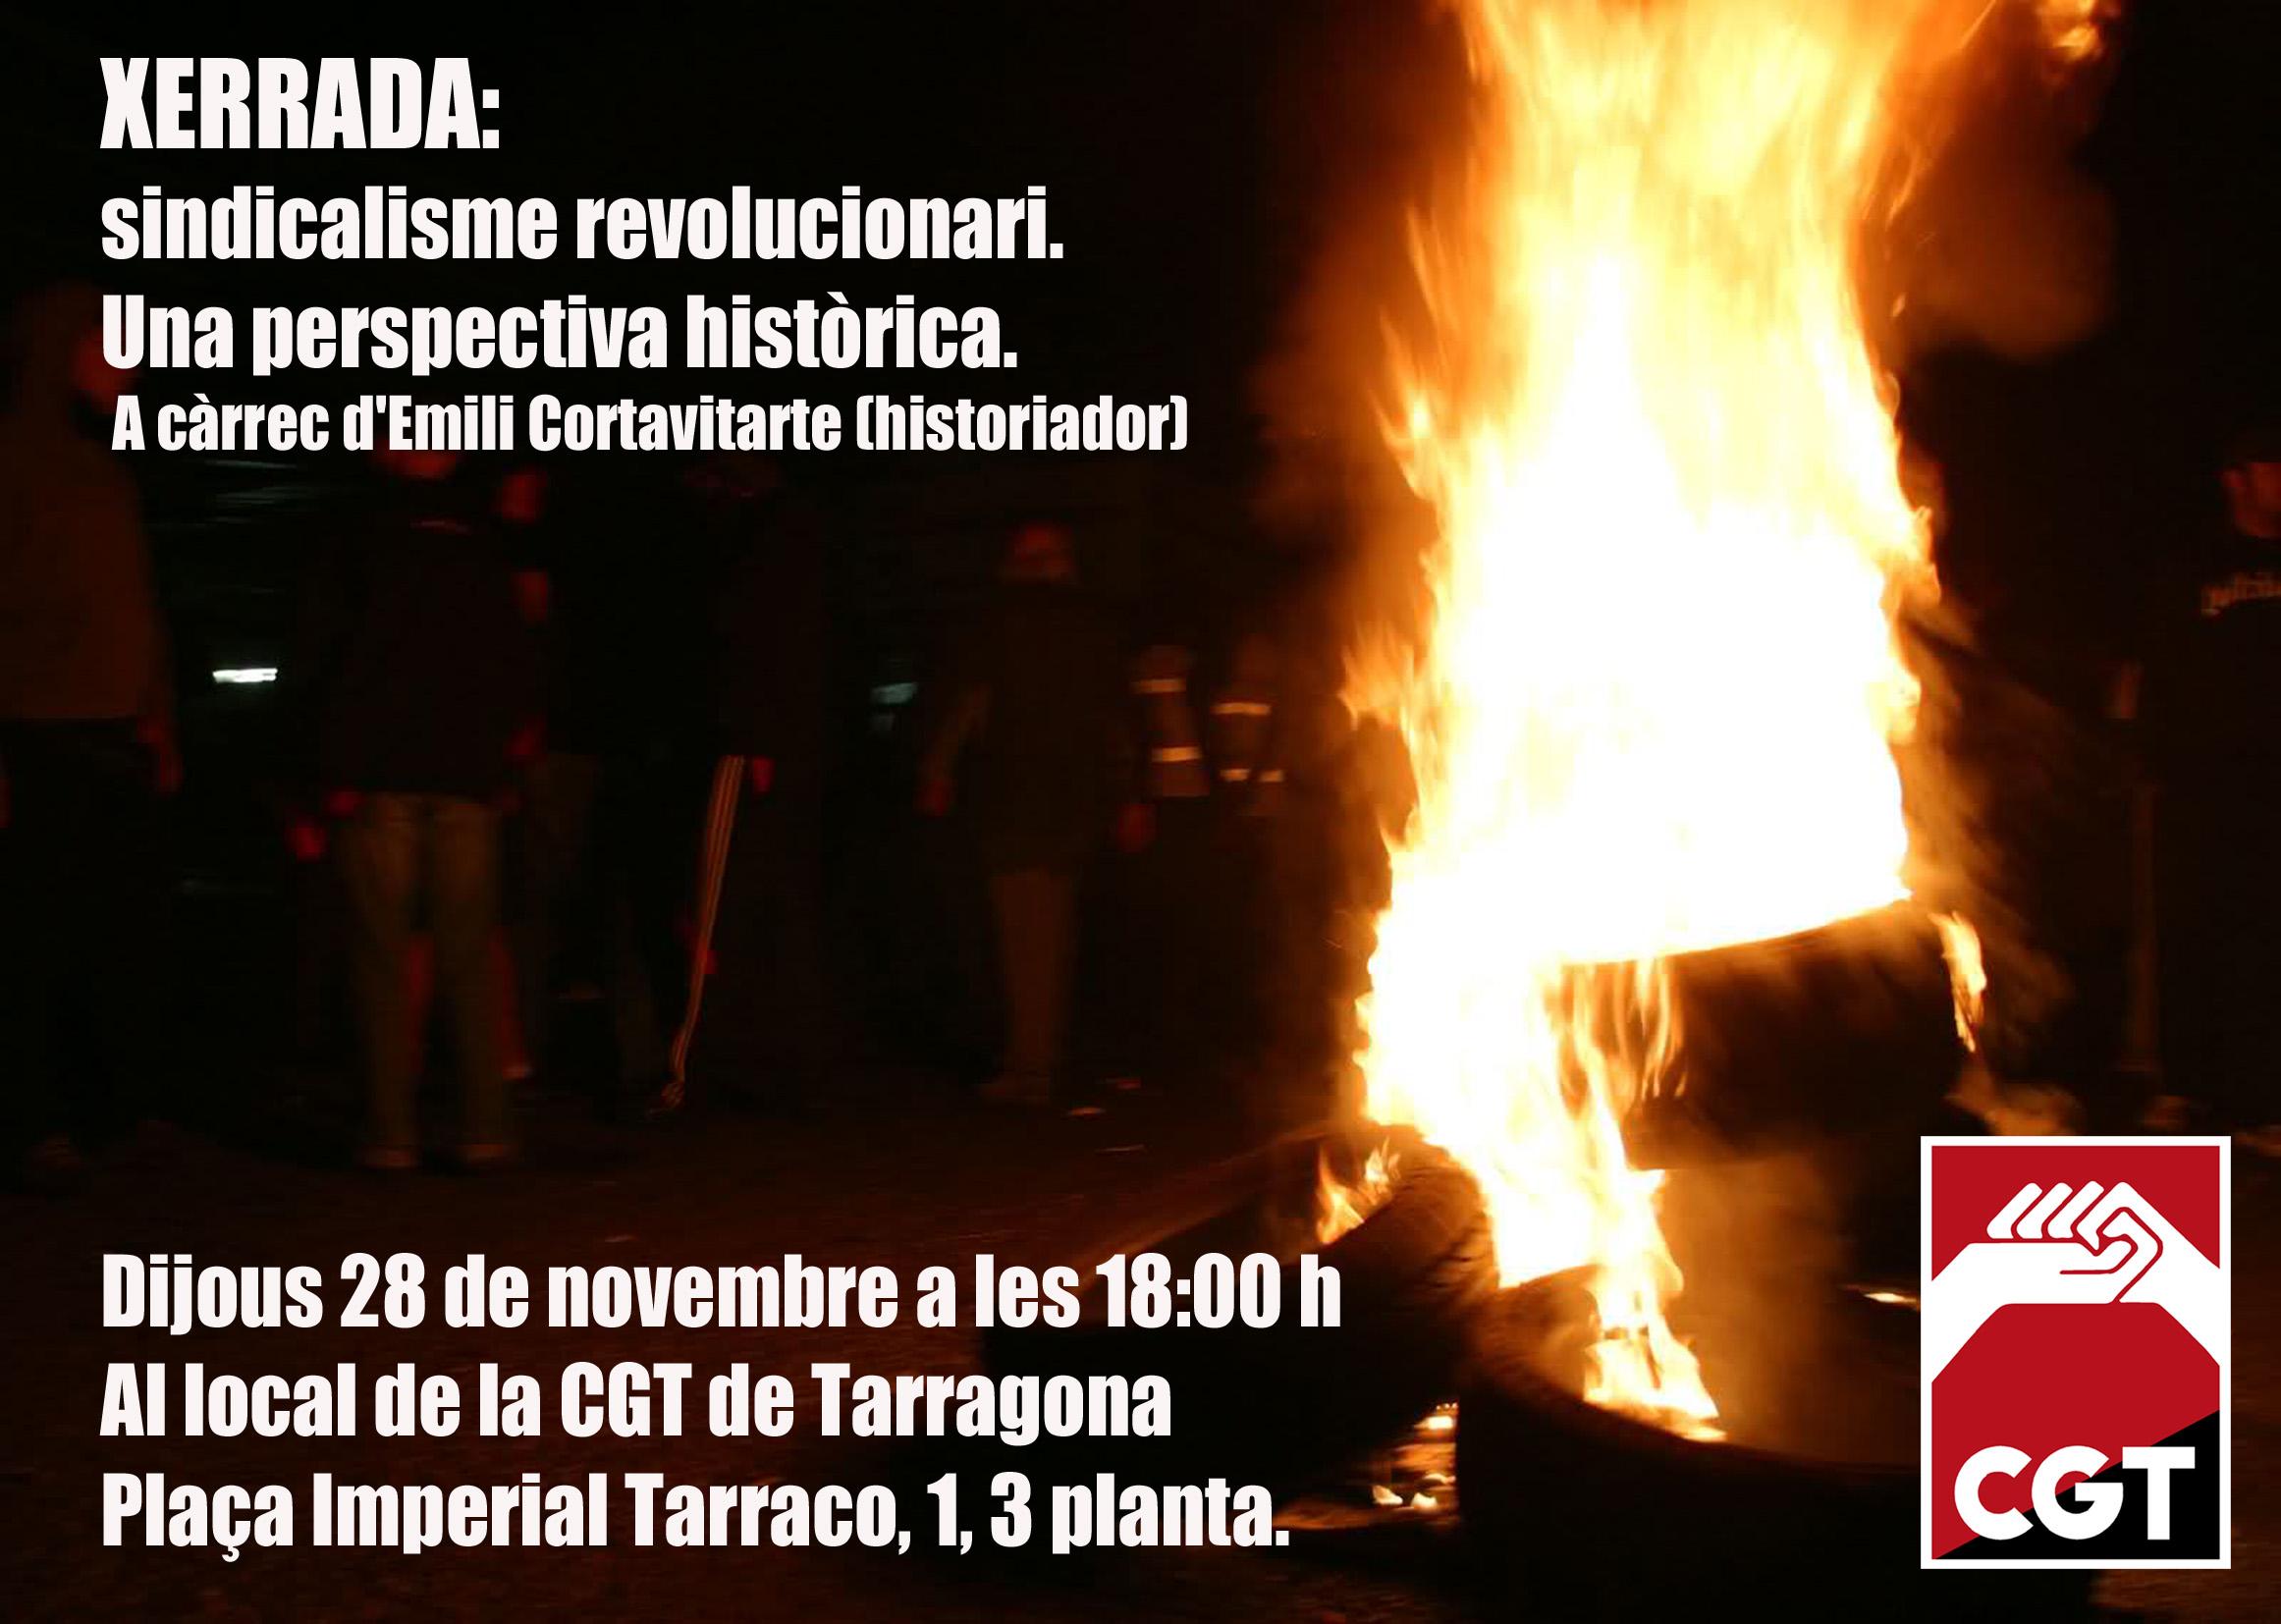 Xerrada Sindicalisme Revolucionari 28 de novembre cgt tarragona